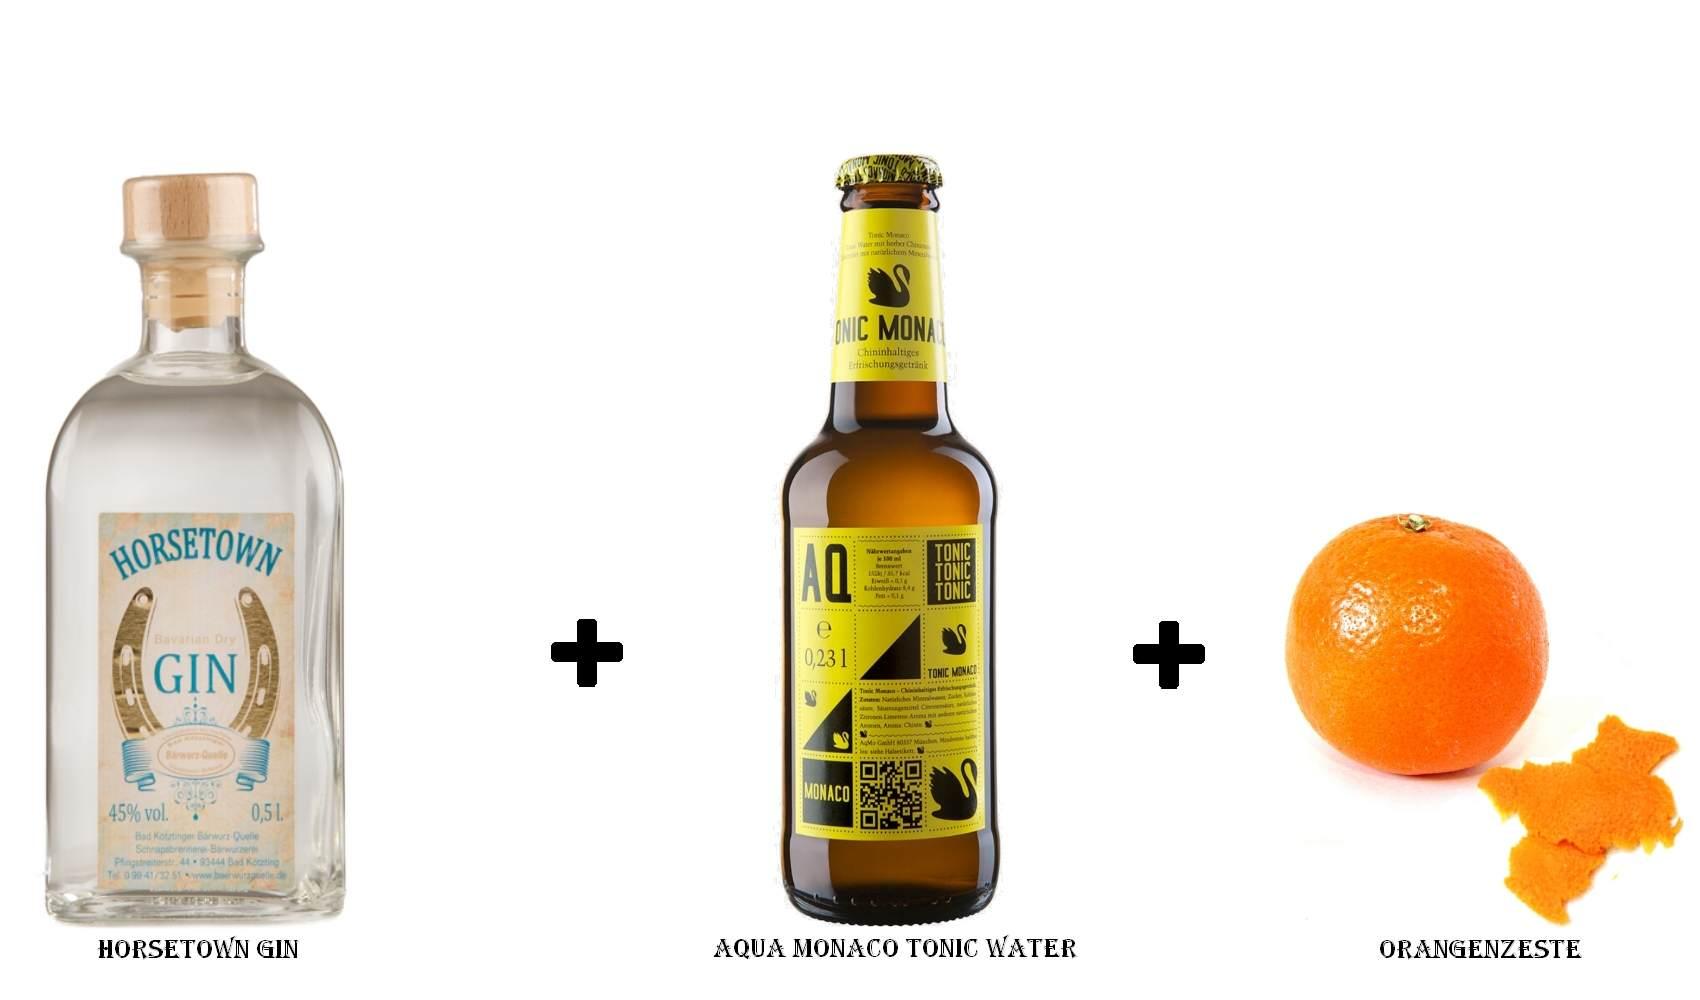 Horsetown Gin + Aqua Monaco Tonic Water + Orangenzeste